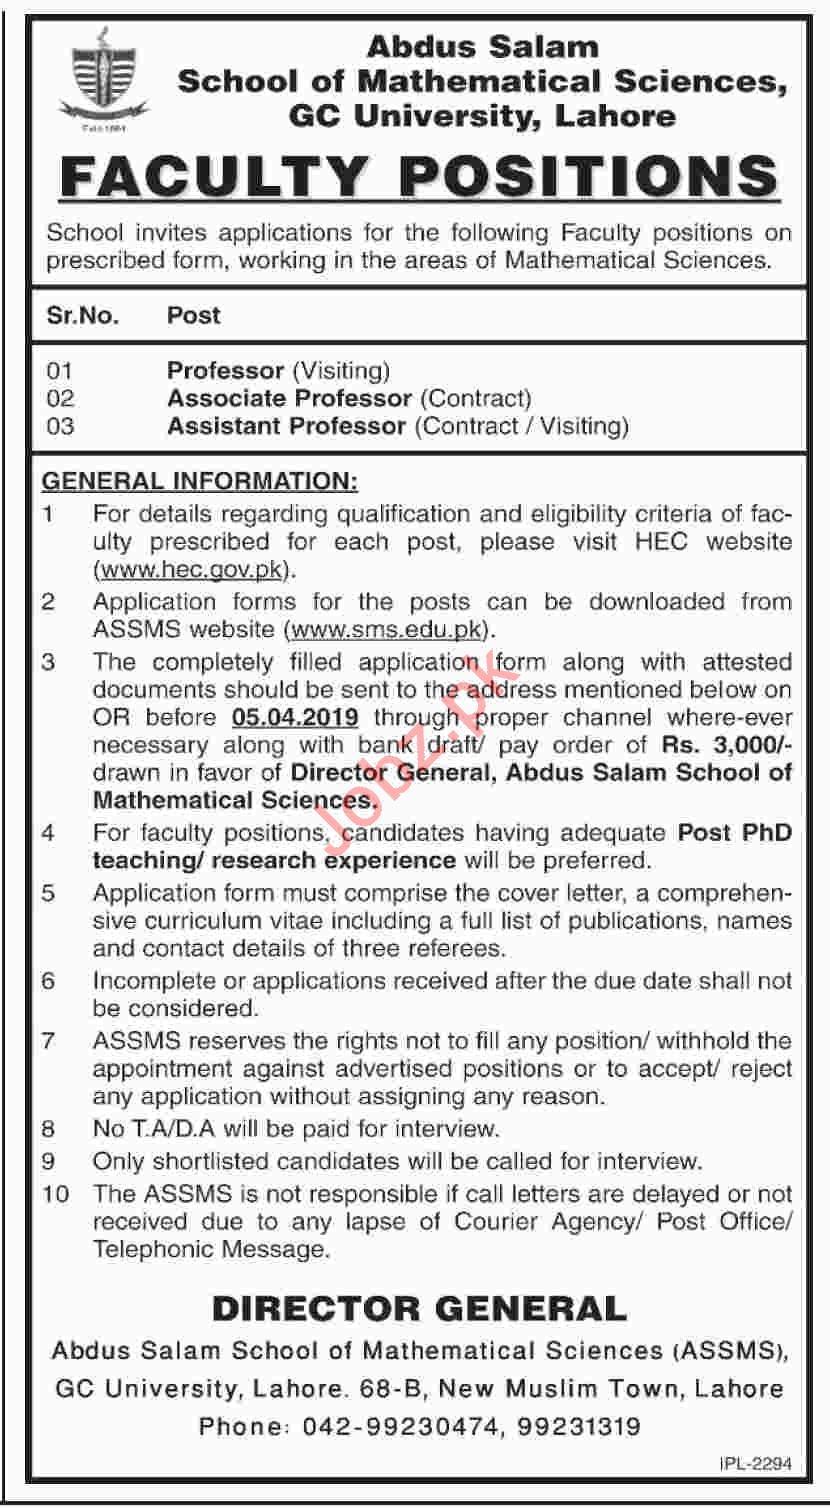 Abdus Salam School of Mathematical Sciences Lahore Jobs 2019